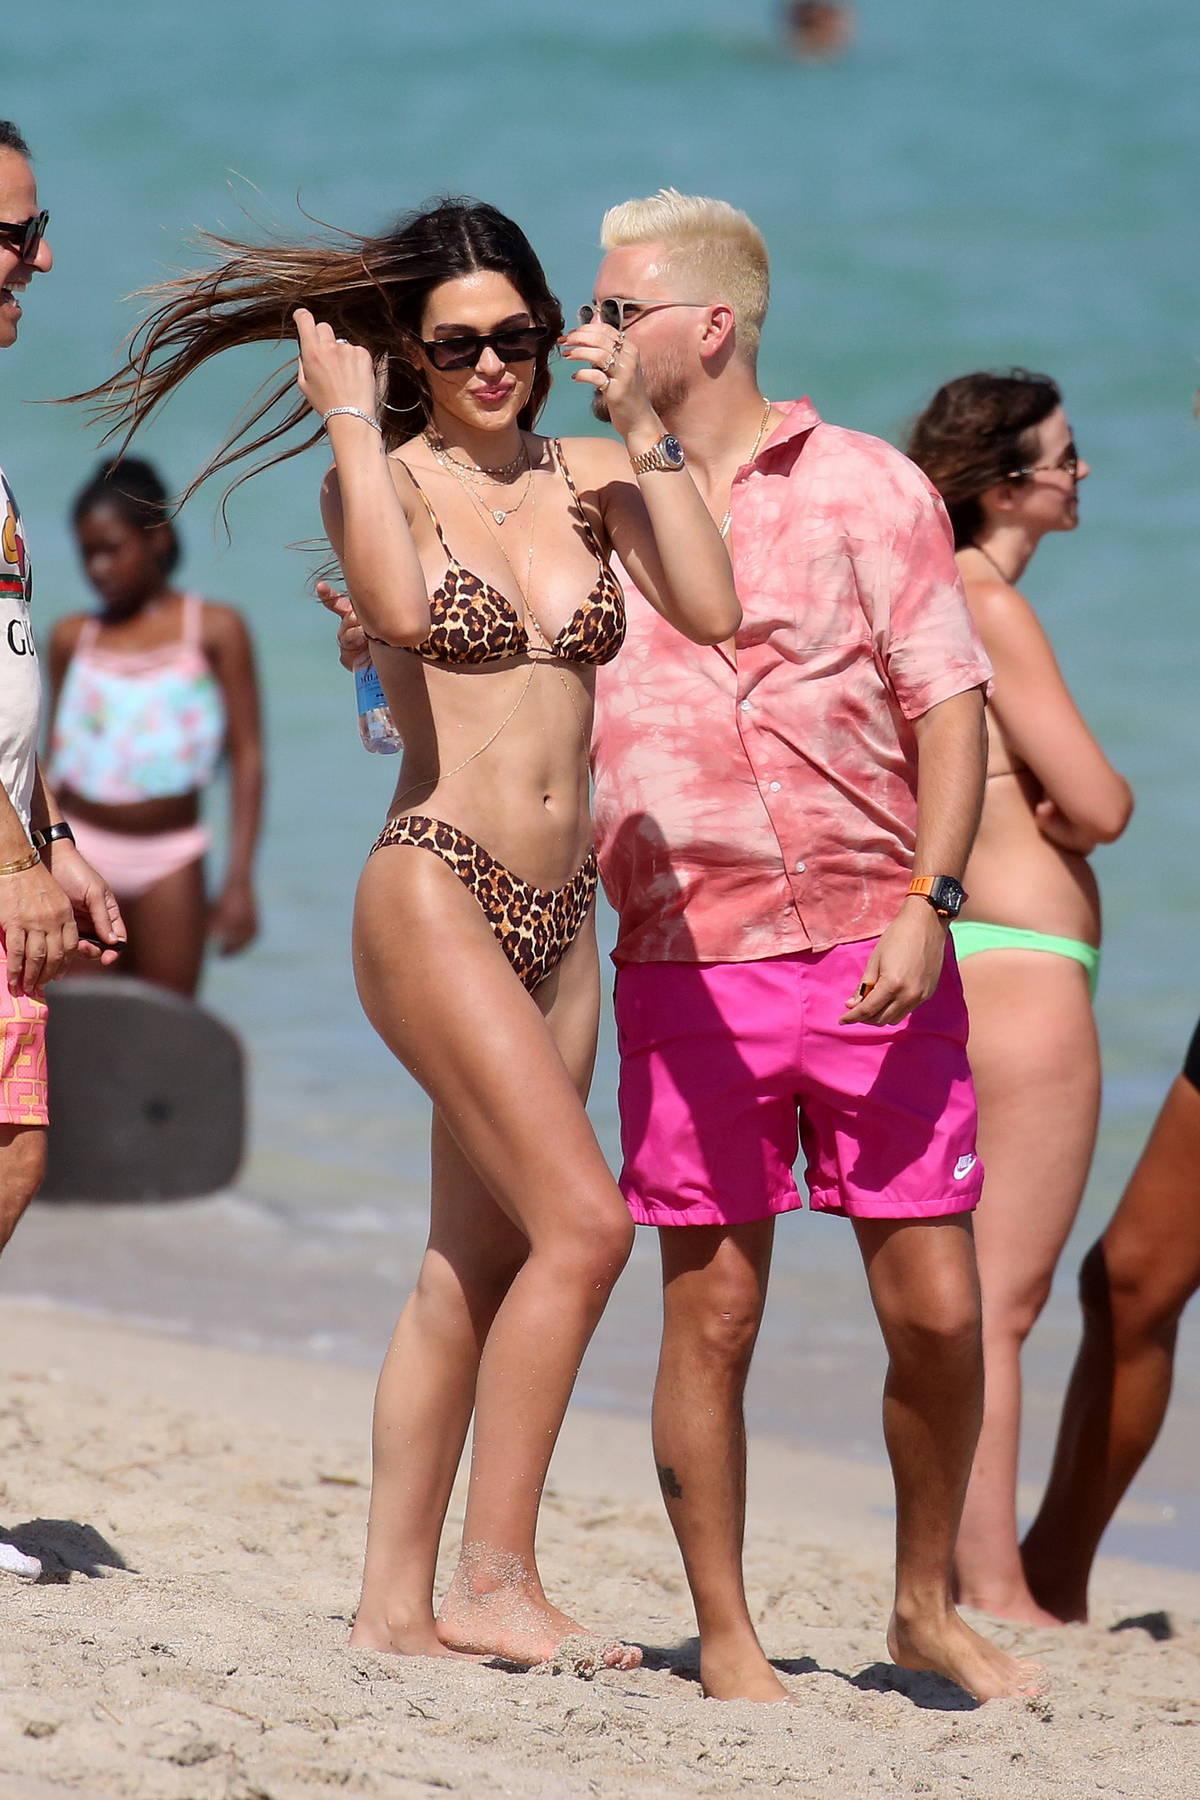 Amelia Hamlin stuns in an animal print bikini as she hits the pool with Scott Disick in Miami, Florida